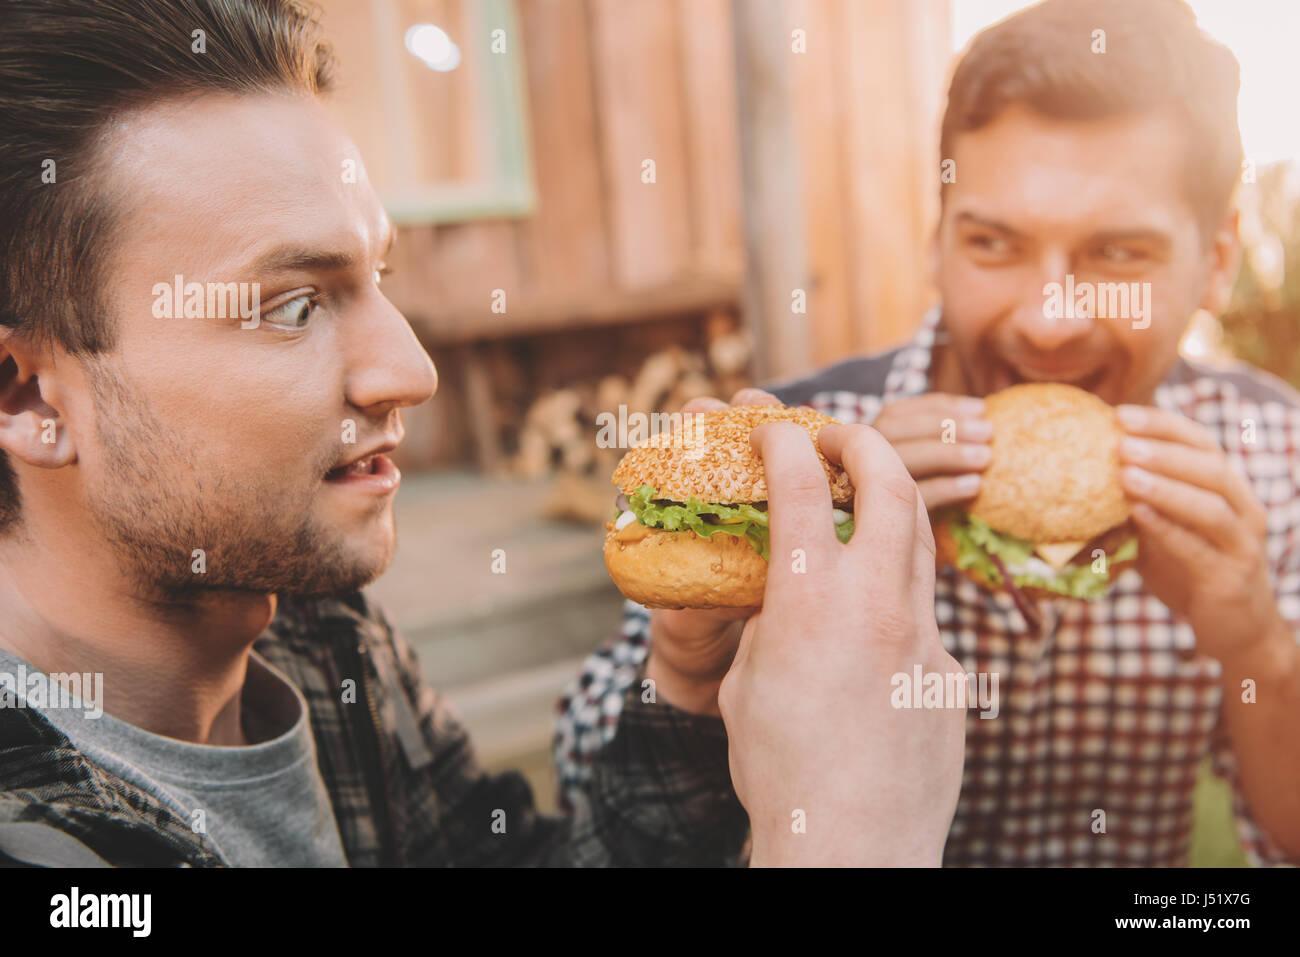 Los hombres jóvenes emocional comiendo hamburguesas gourmet al aire libre Imagen De Stock